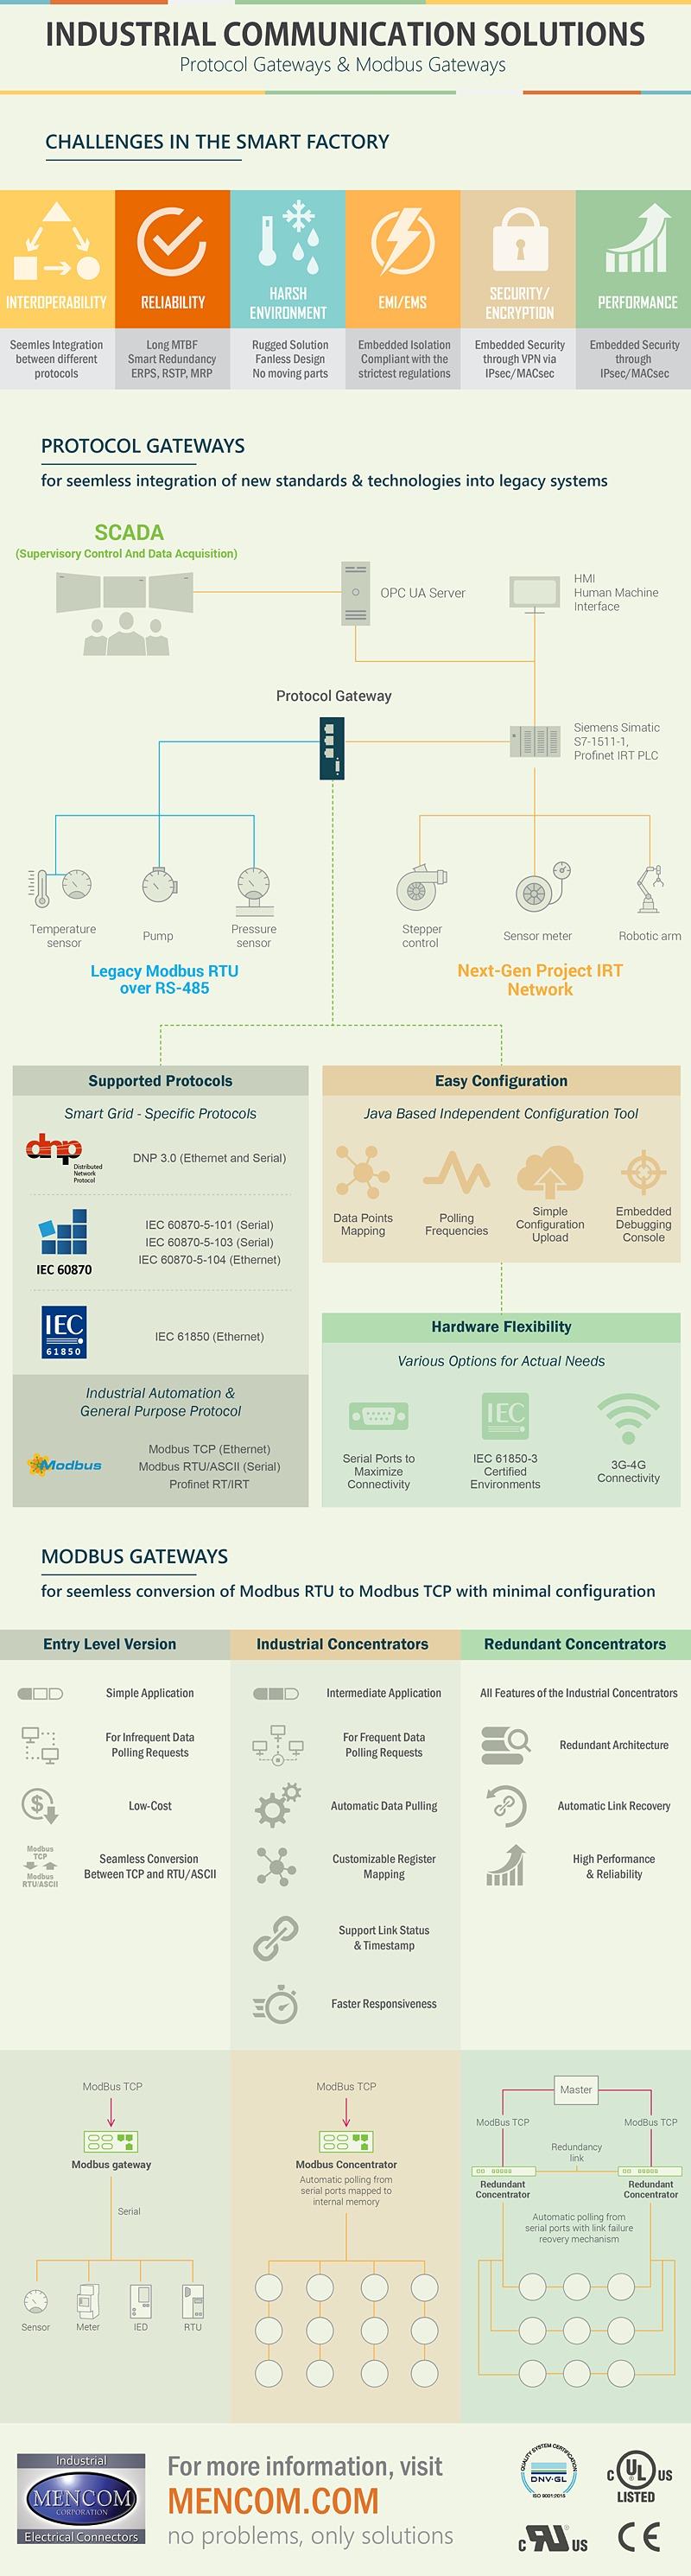 protocol gateways and modbus gateways